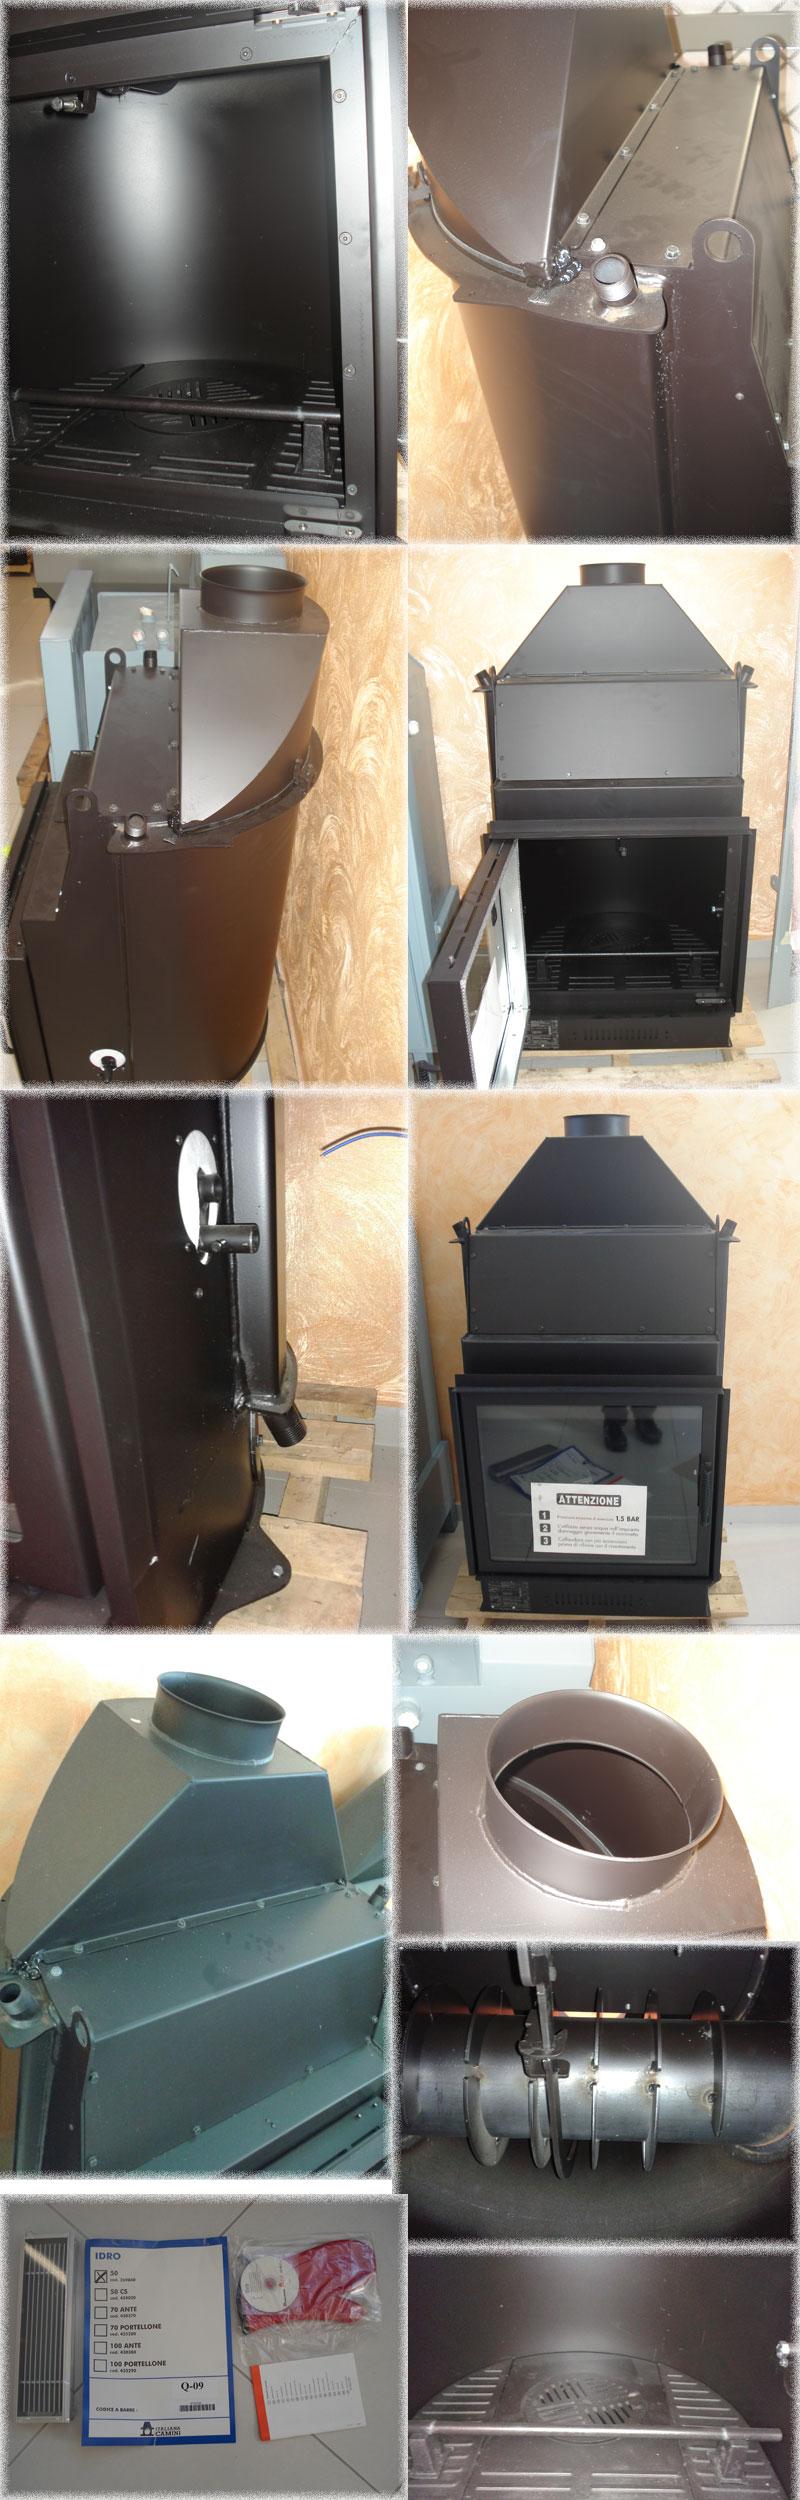 Piano lavabo in legno grezzo - Montaggio termocamino ...